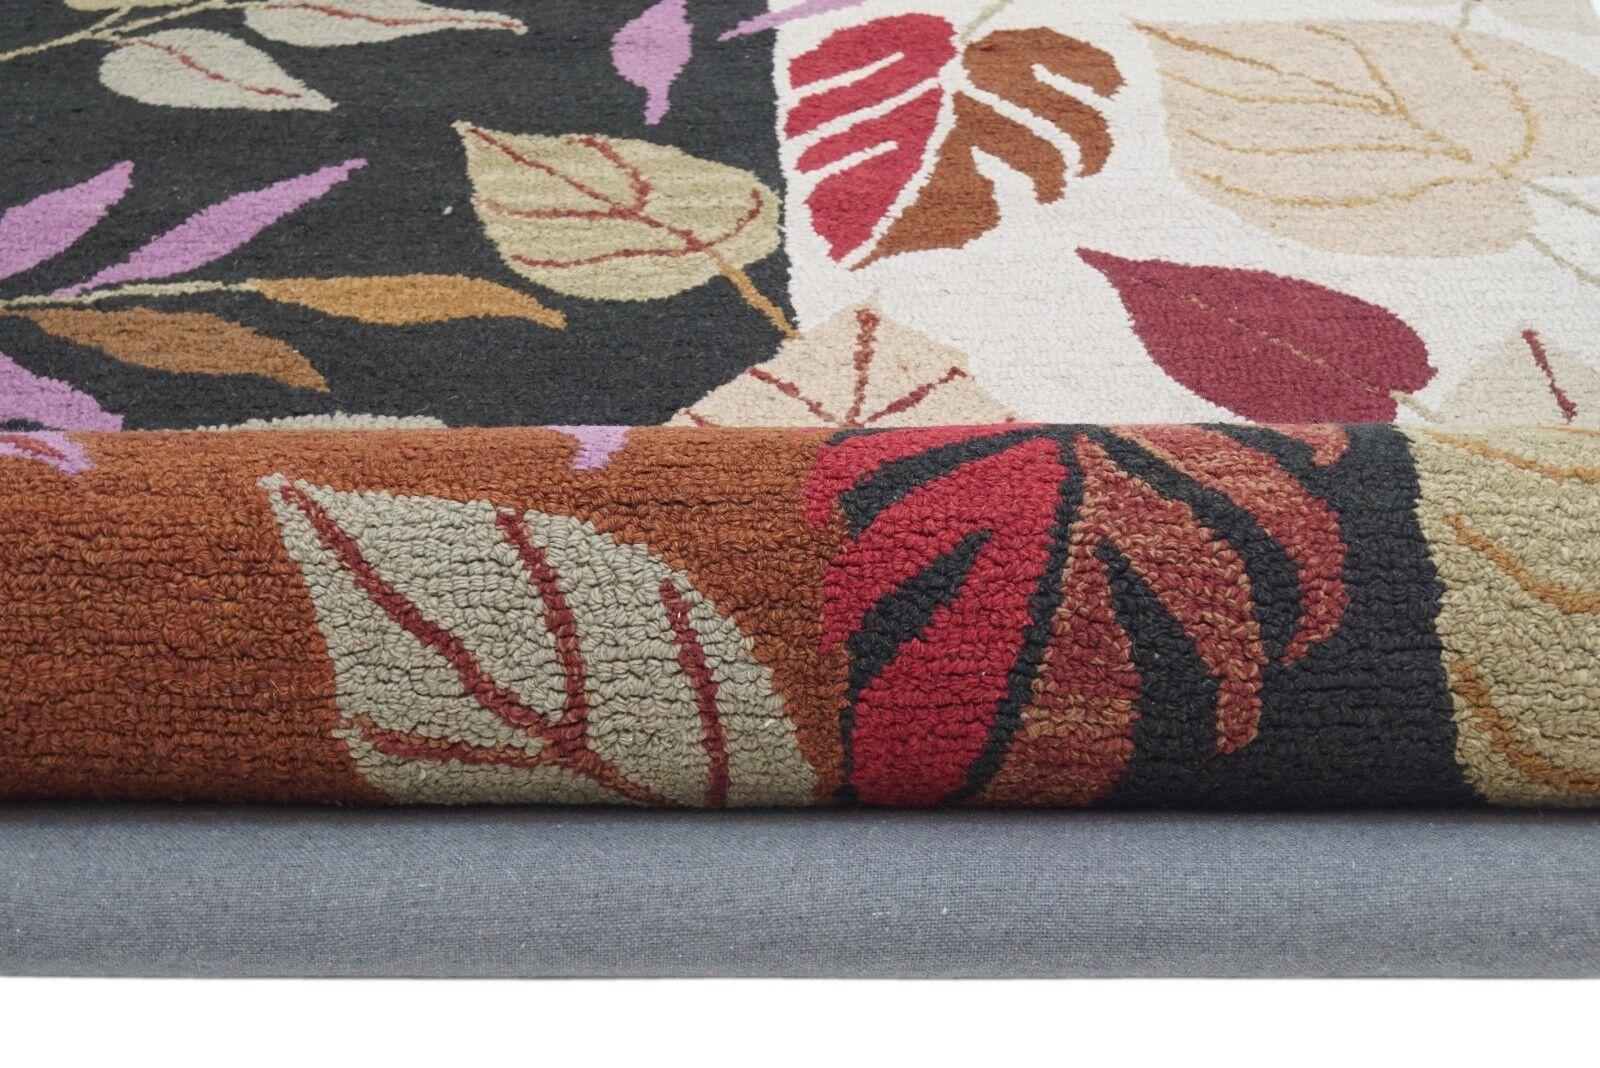 Designer Tapis 150x240 cm à à à la main ~ 100% Laine-handgetuftet Loop | Supérieurs Performances  18bfdb